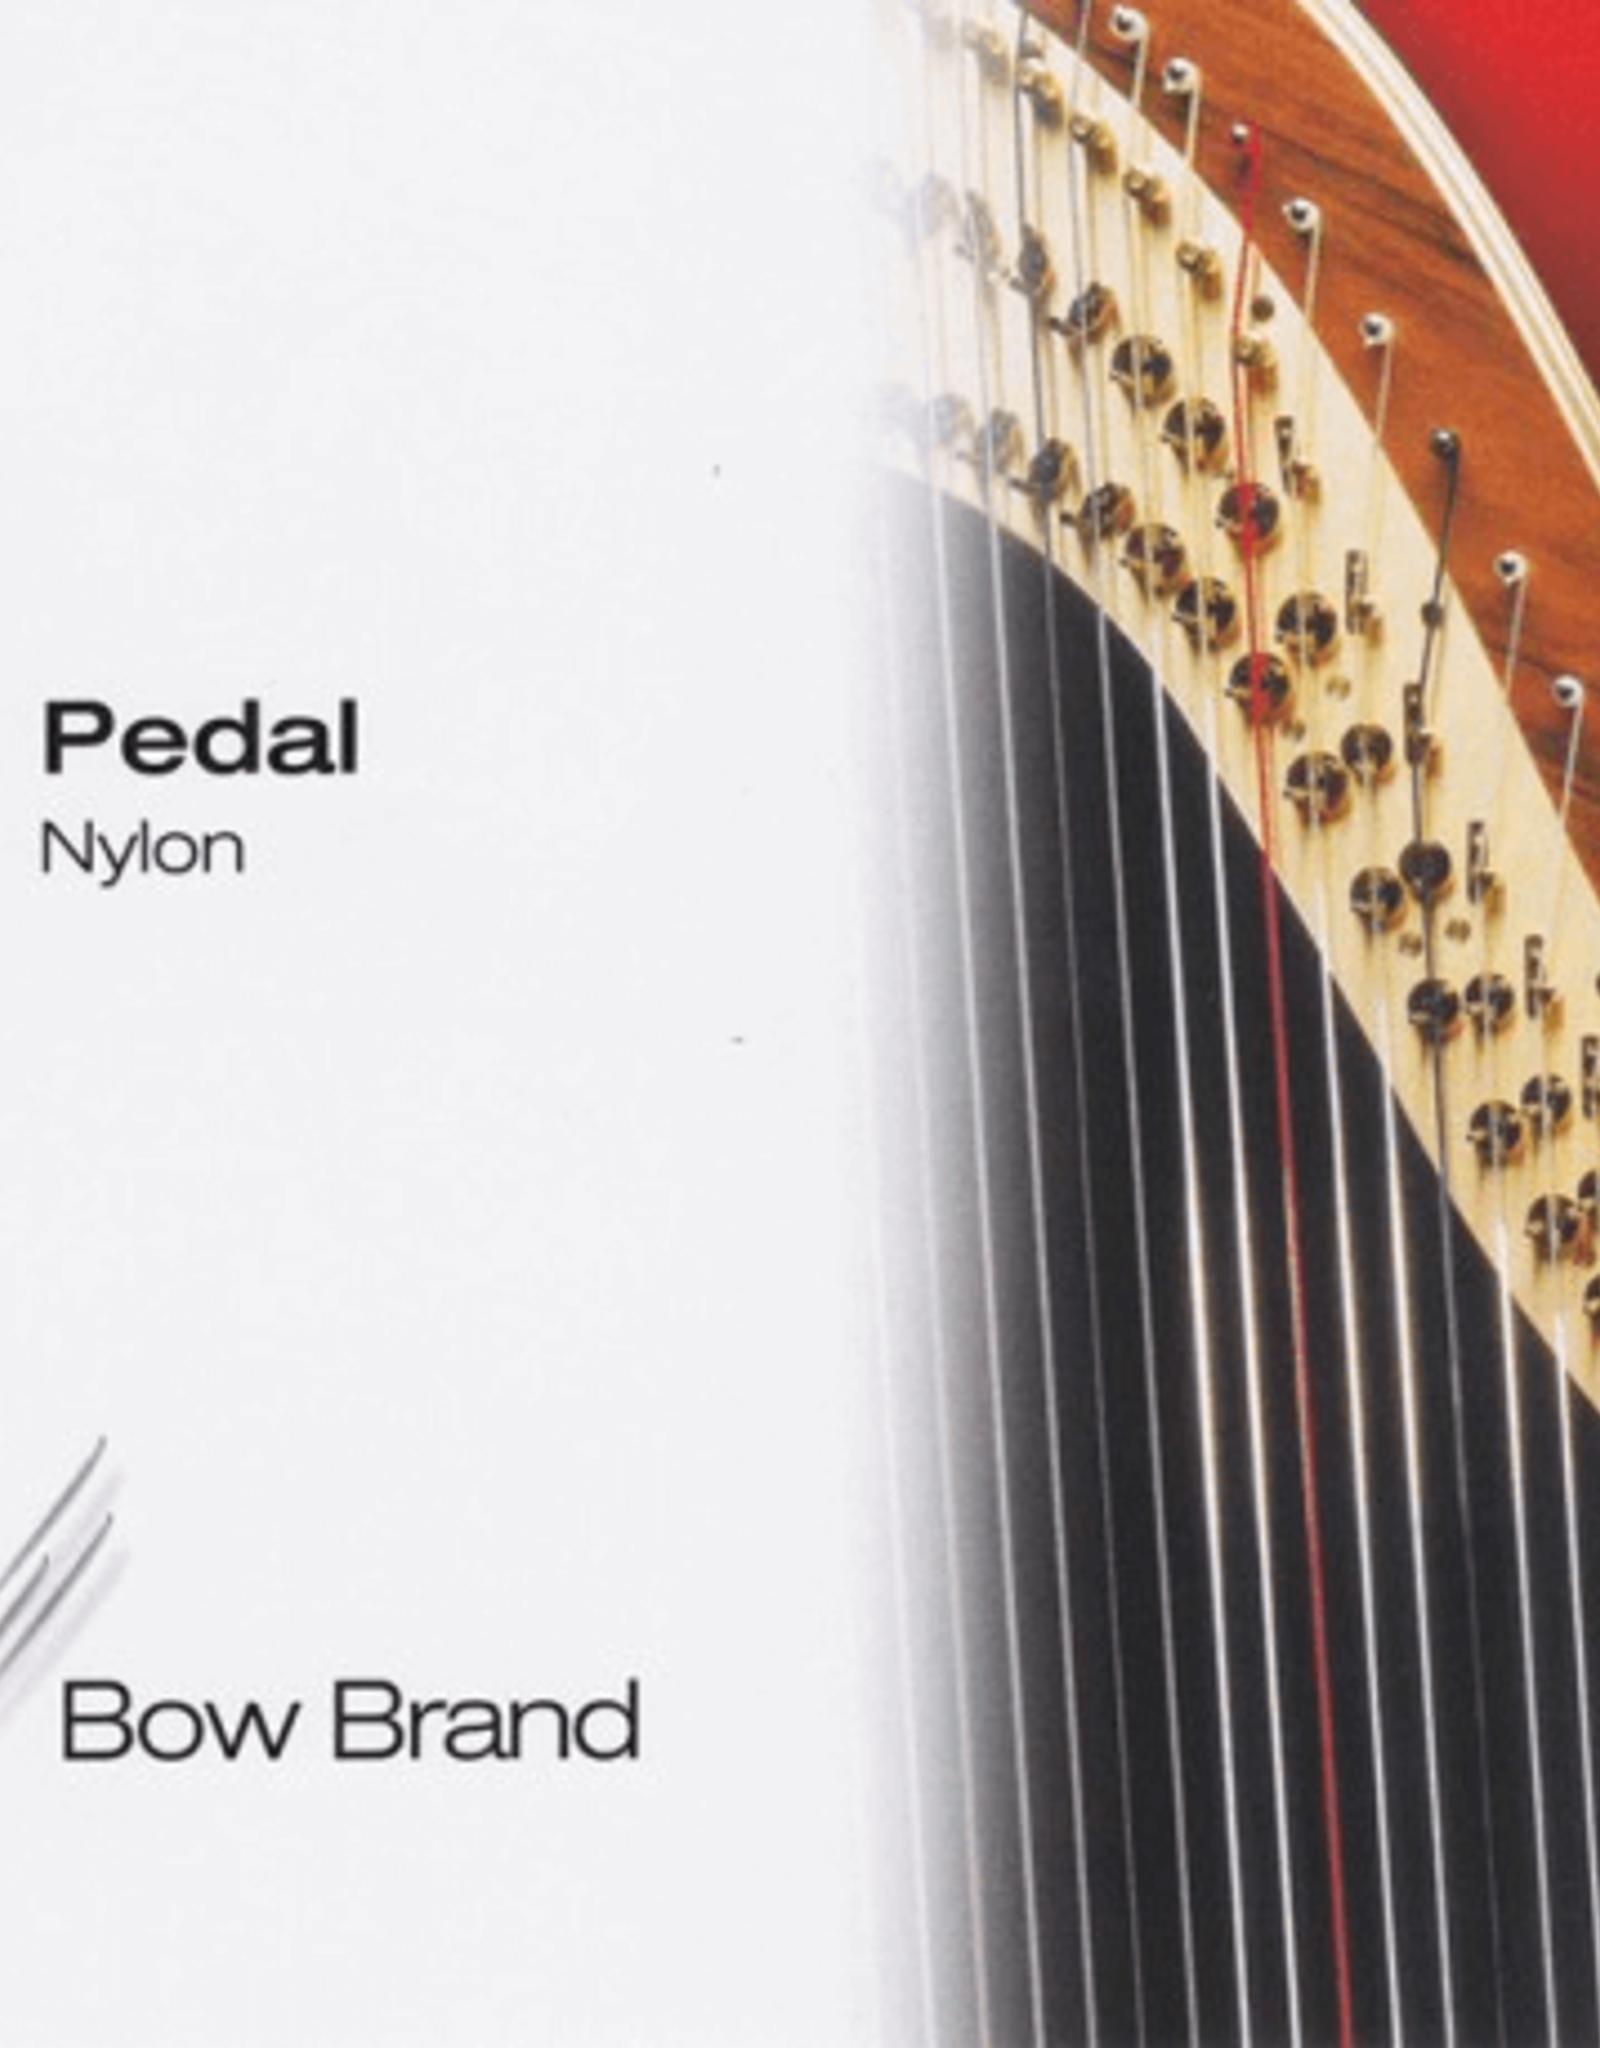 BOW BRAND  pedaal nylon - pedal NYLON 14/2 fa